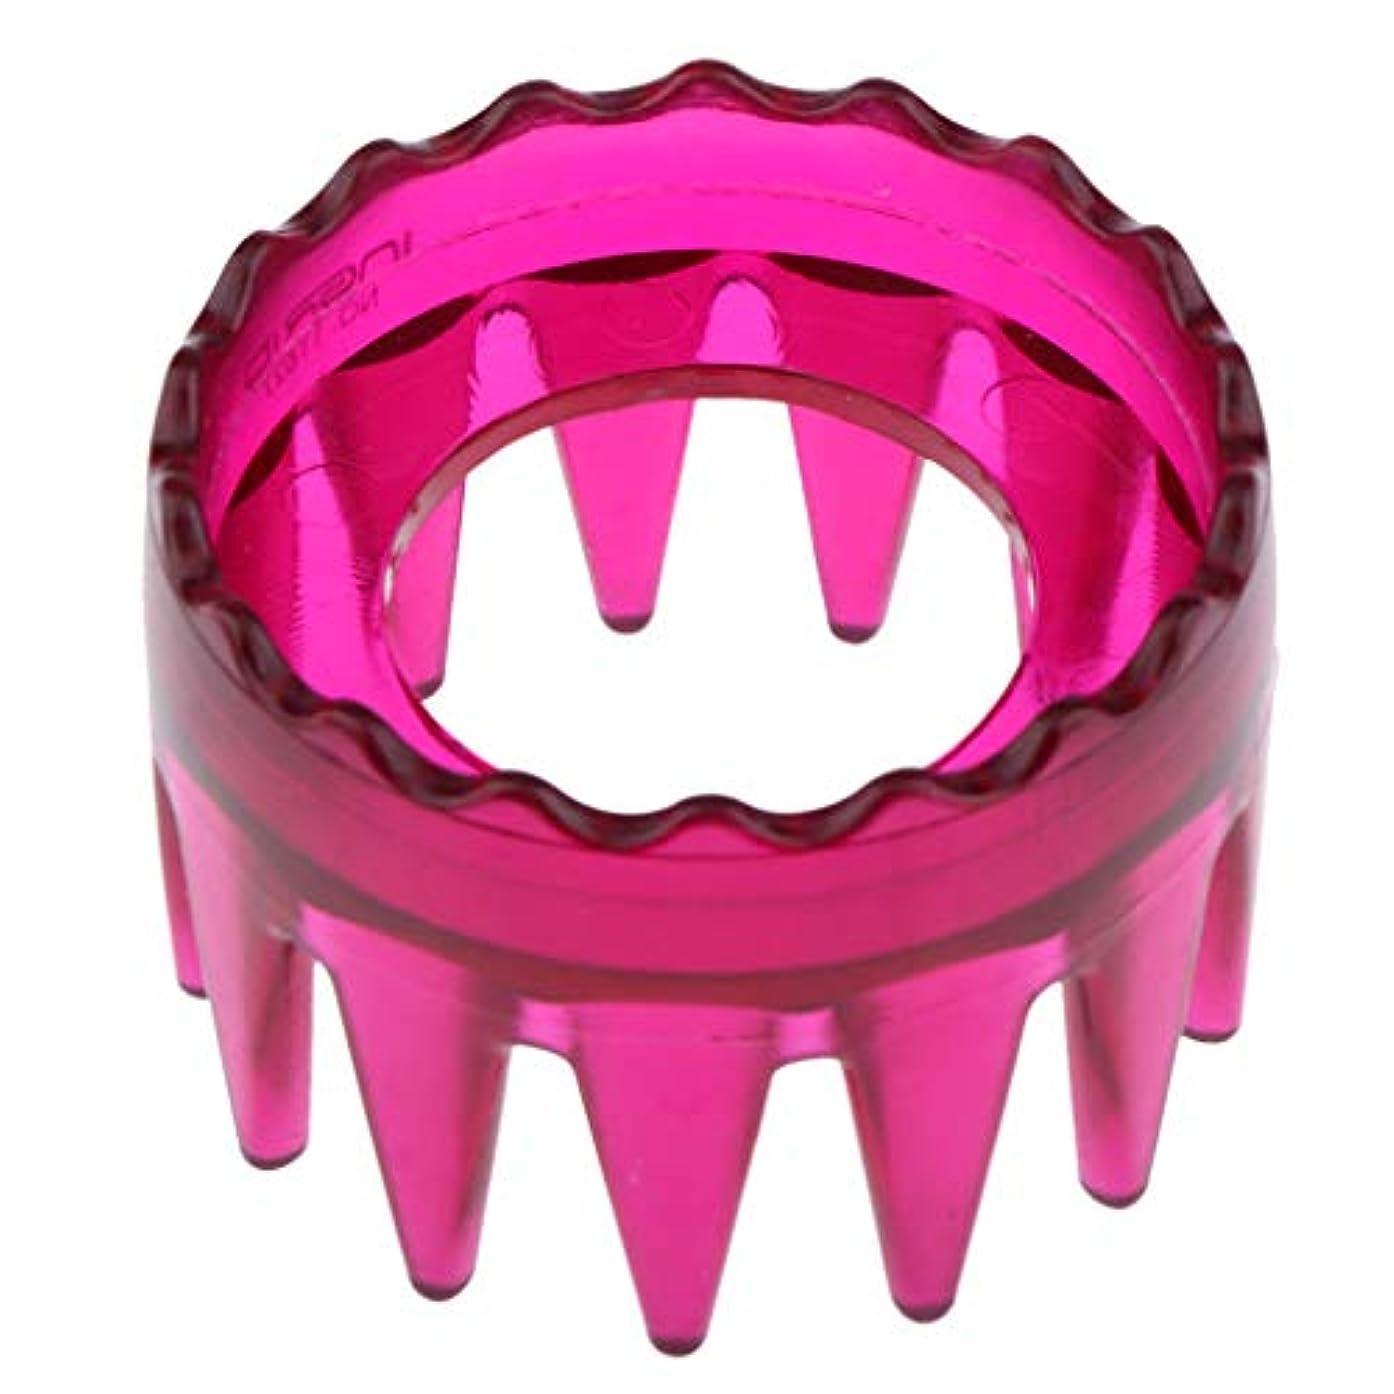 狭い子供達トンネル全4色 シャンプーブラシ 洗髪櫛 マッサージャー ヘアコーム ヘアブラシ 直径約6cm プラスチック製 - ローズレッド